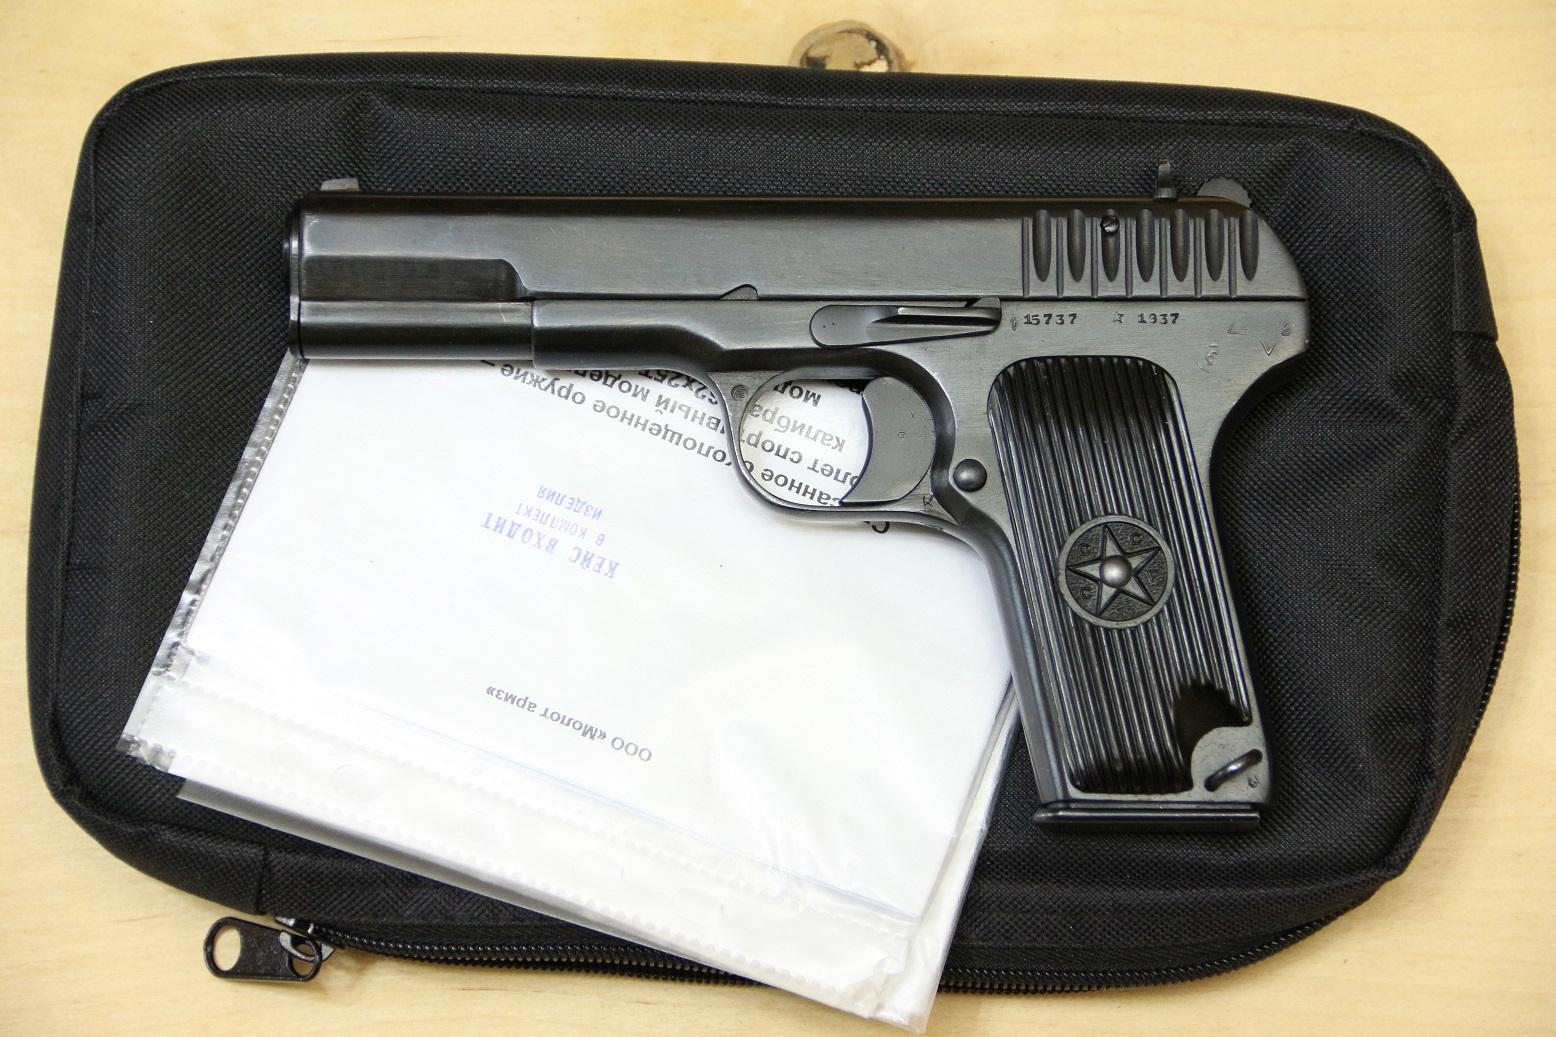 Охолощенный пистолет ТТ-СХ 1937 года №15737, НОВЫЙ ДЕАКТИВ 2020 года